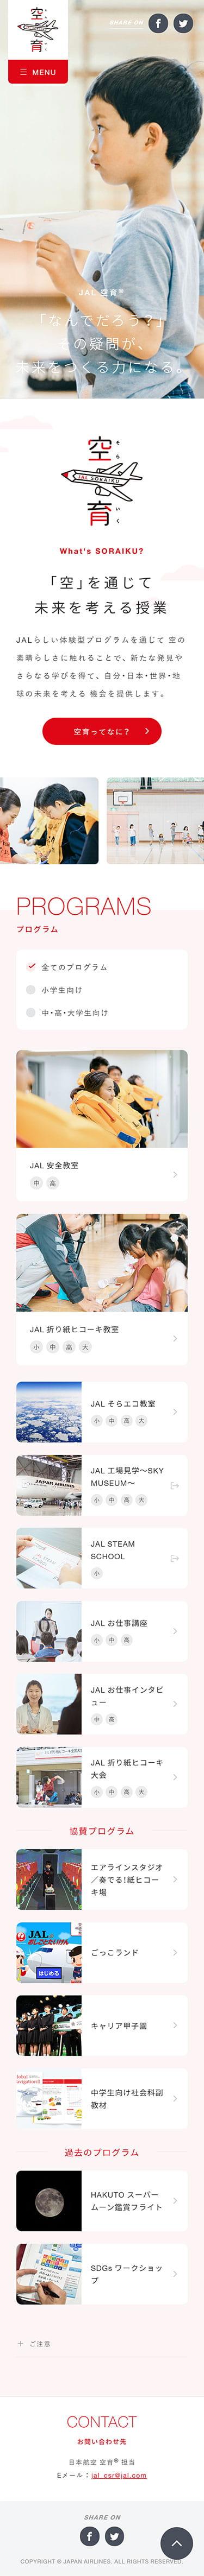 空育® | JAL企業サイト